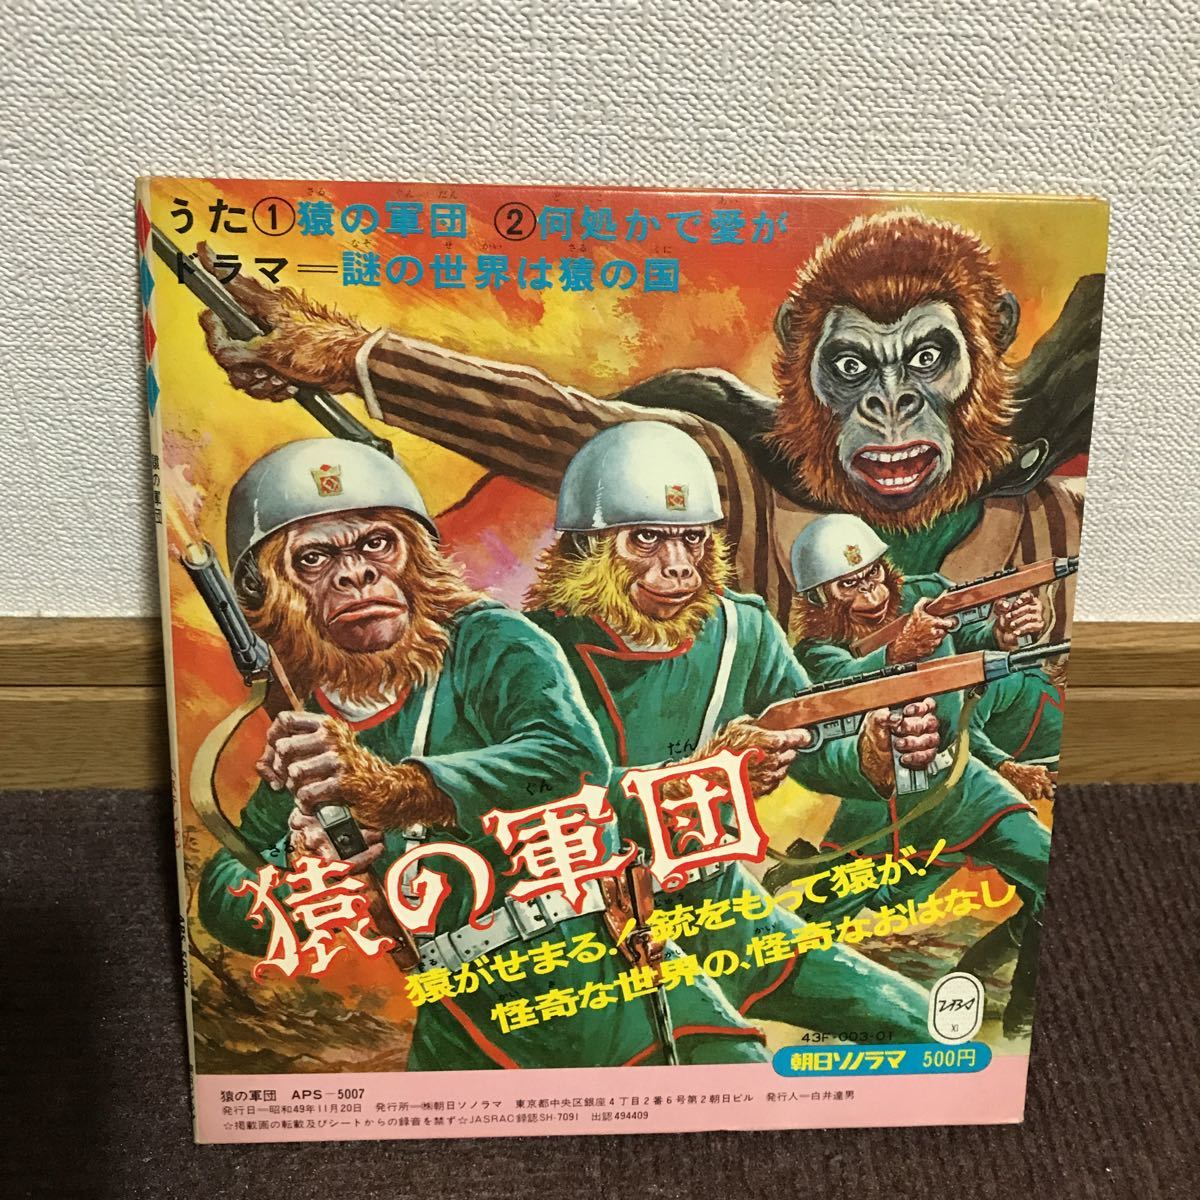 中古 猿の軍団 レコード ソノラマエース パピイシリーズ 朝日ソノラマ_画像7